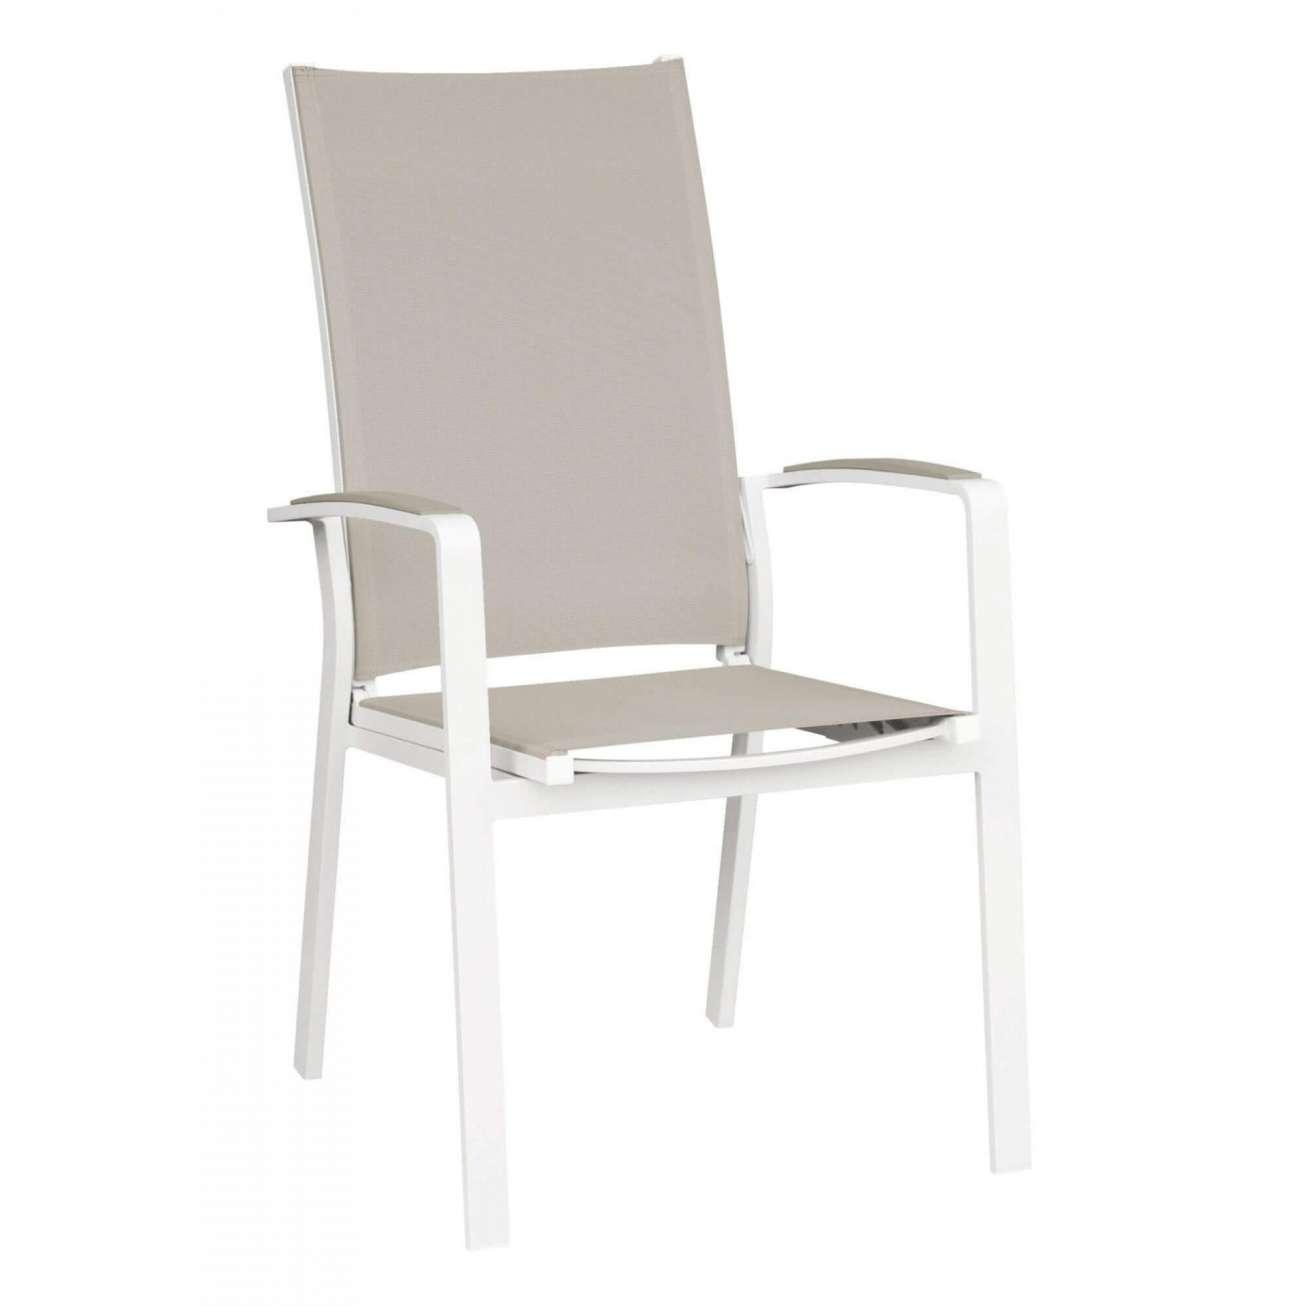 Spisestol i hvitlakket aluminium med kakifarget rygg og sete i texilene